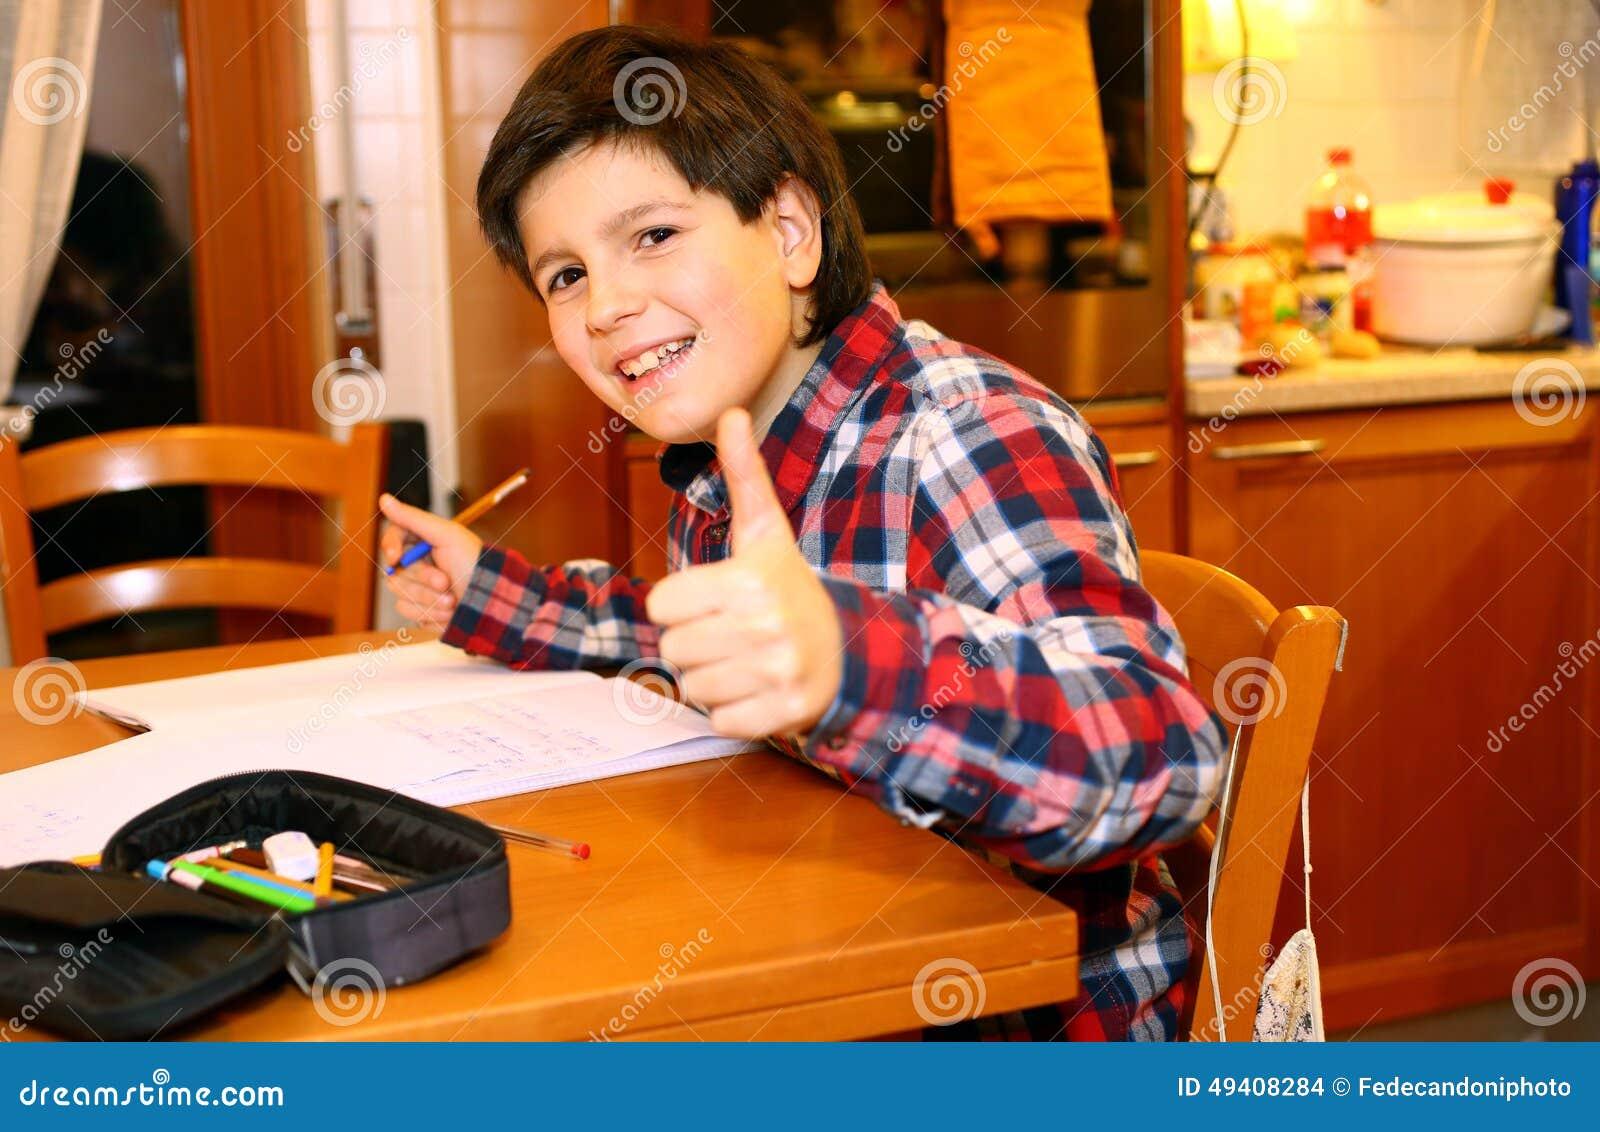 Download Lächelnder JUNGE Schreibt Auf Sein Notizbuch Stockfoto - Bild von jugendlicher, adoleszenz: 49408284